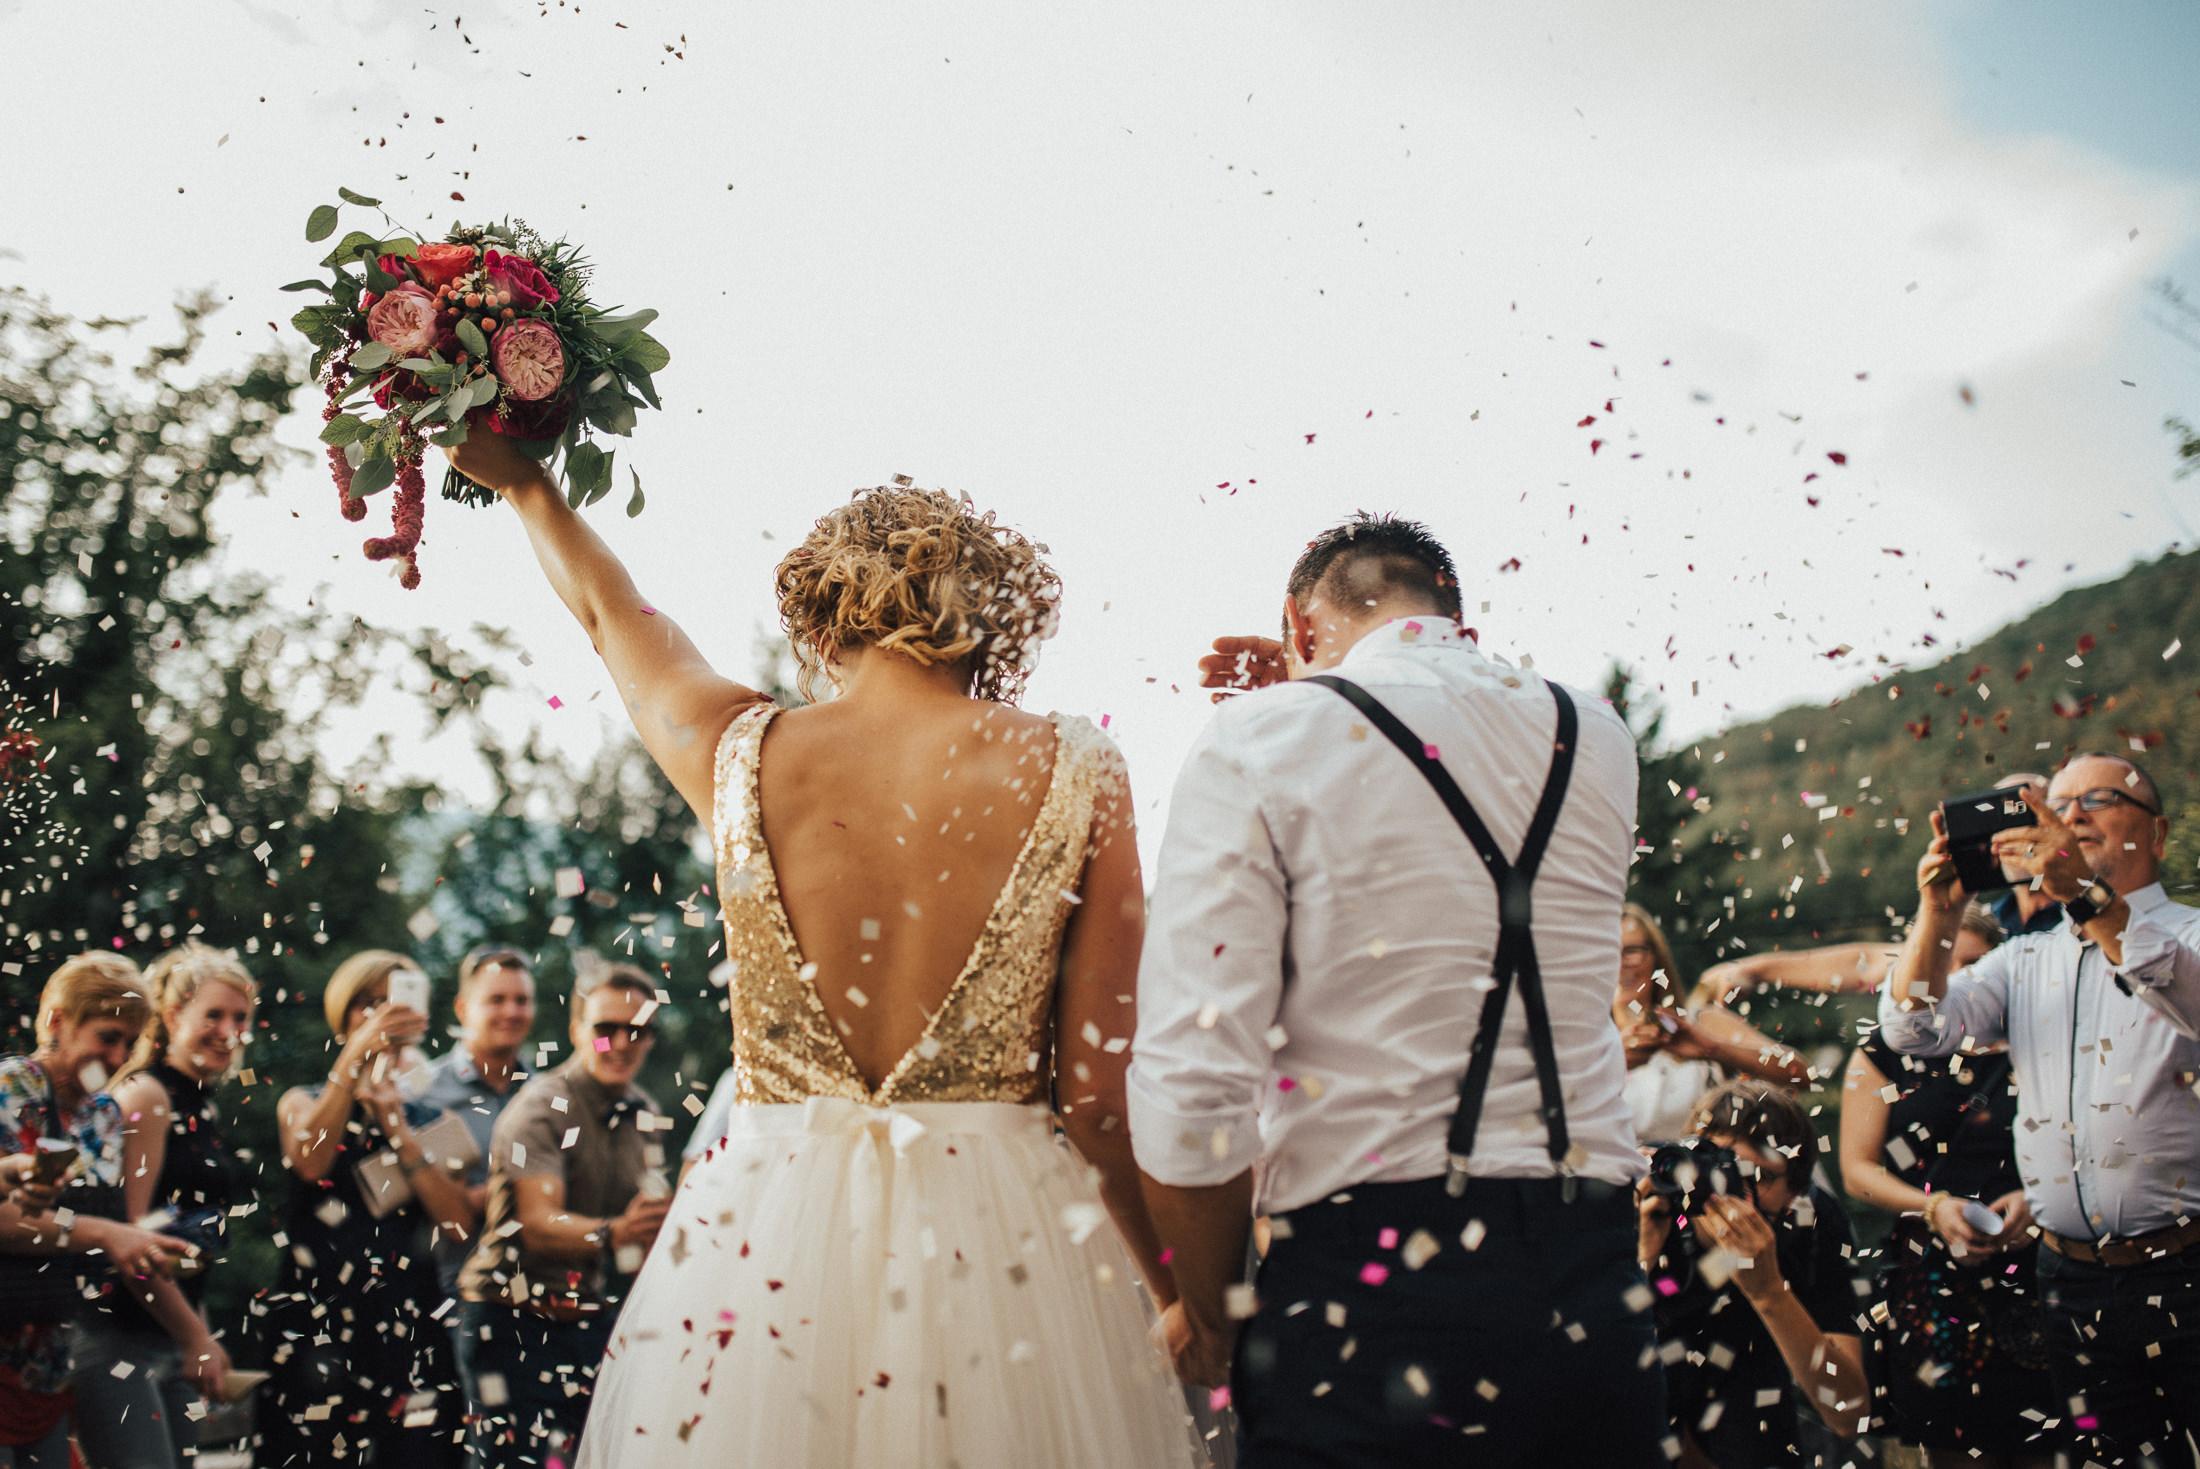 comment-faire-livre-souvenir-mariage